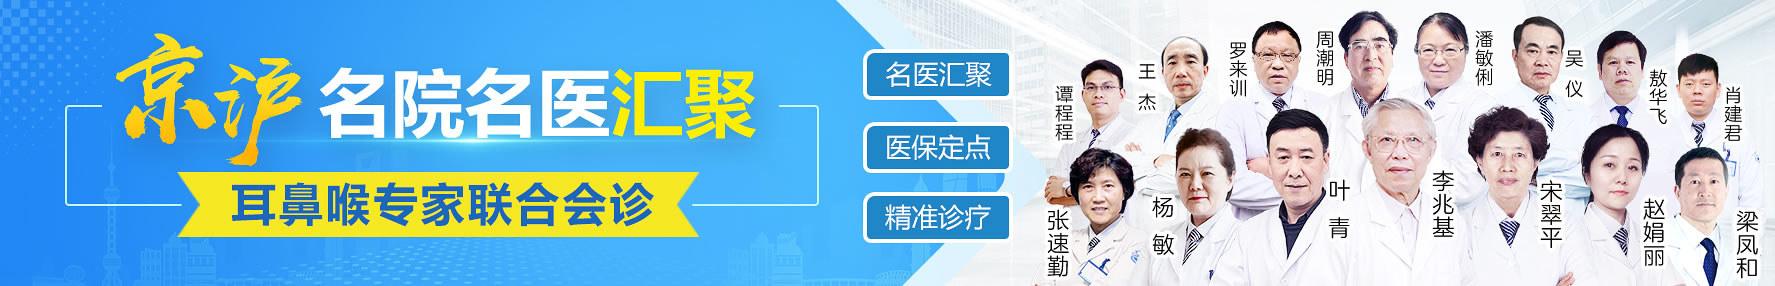 上海耳鼻喉医院